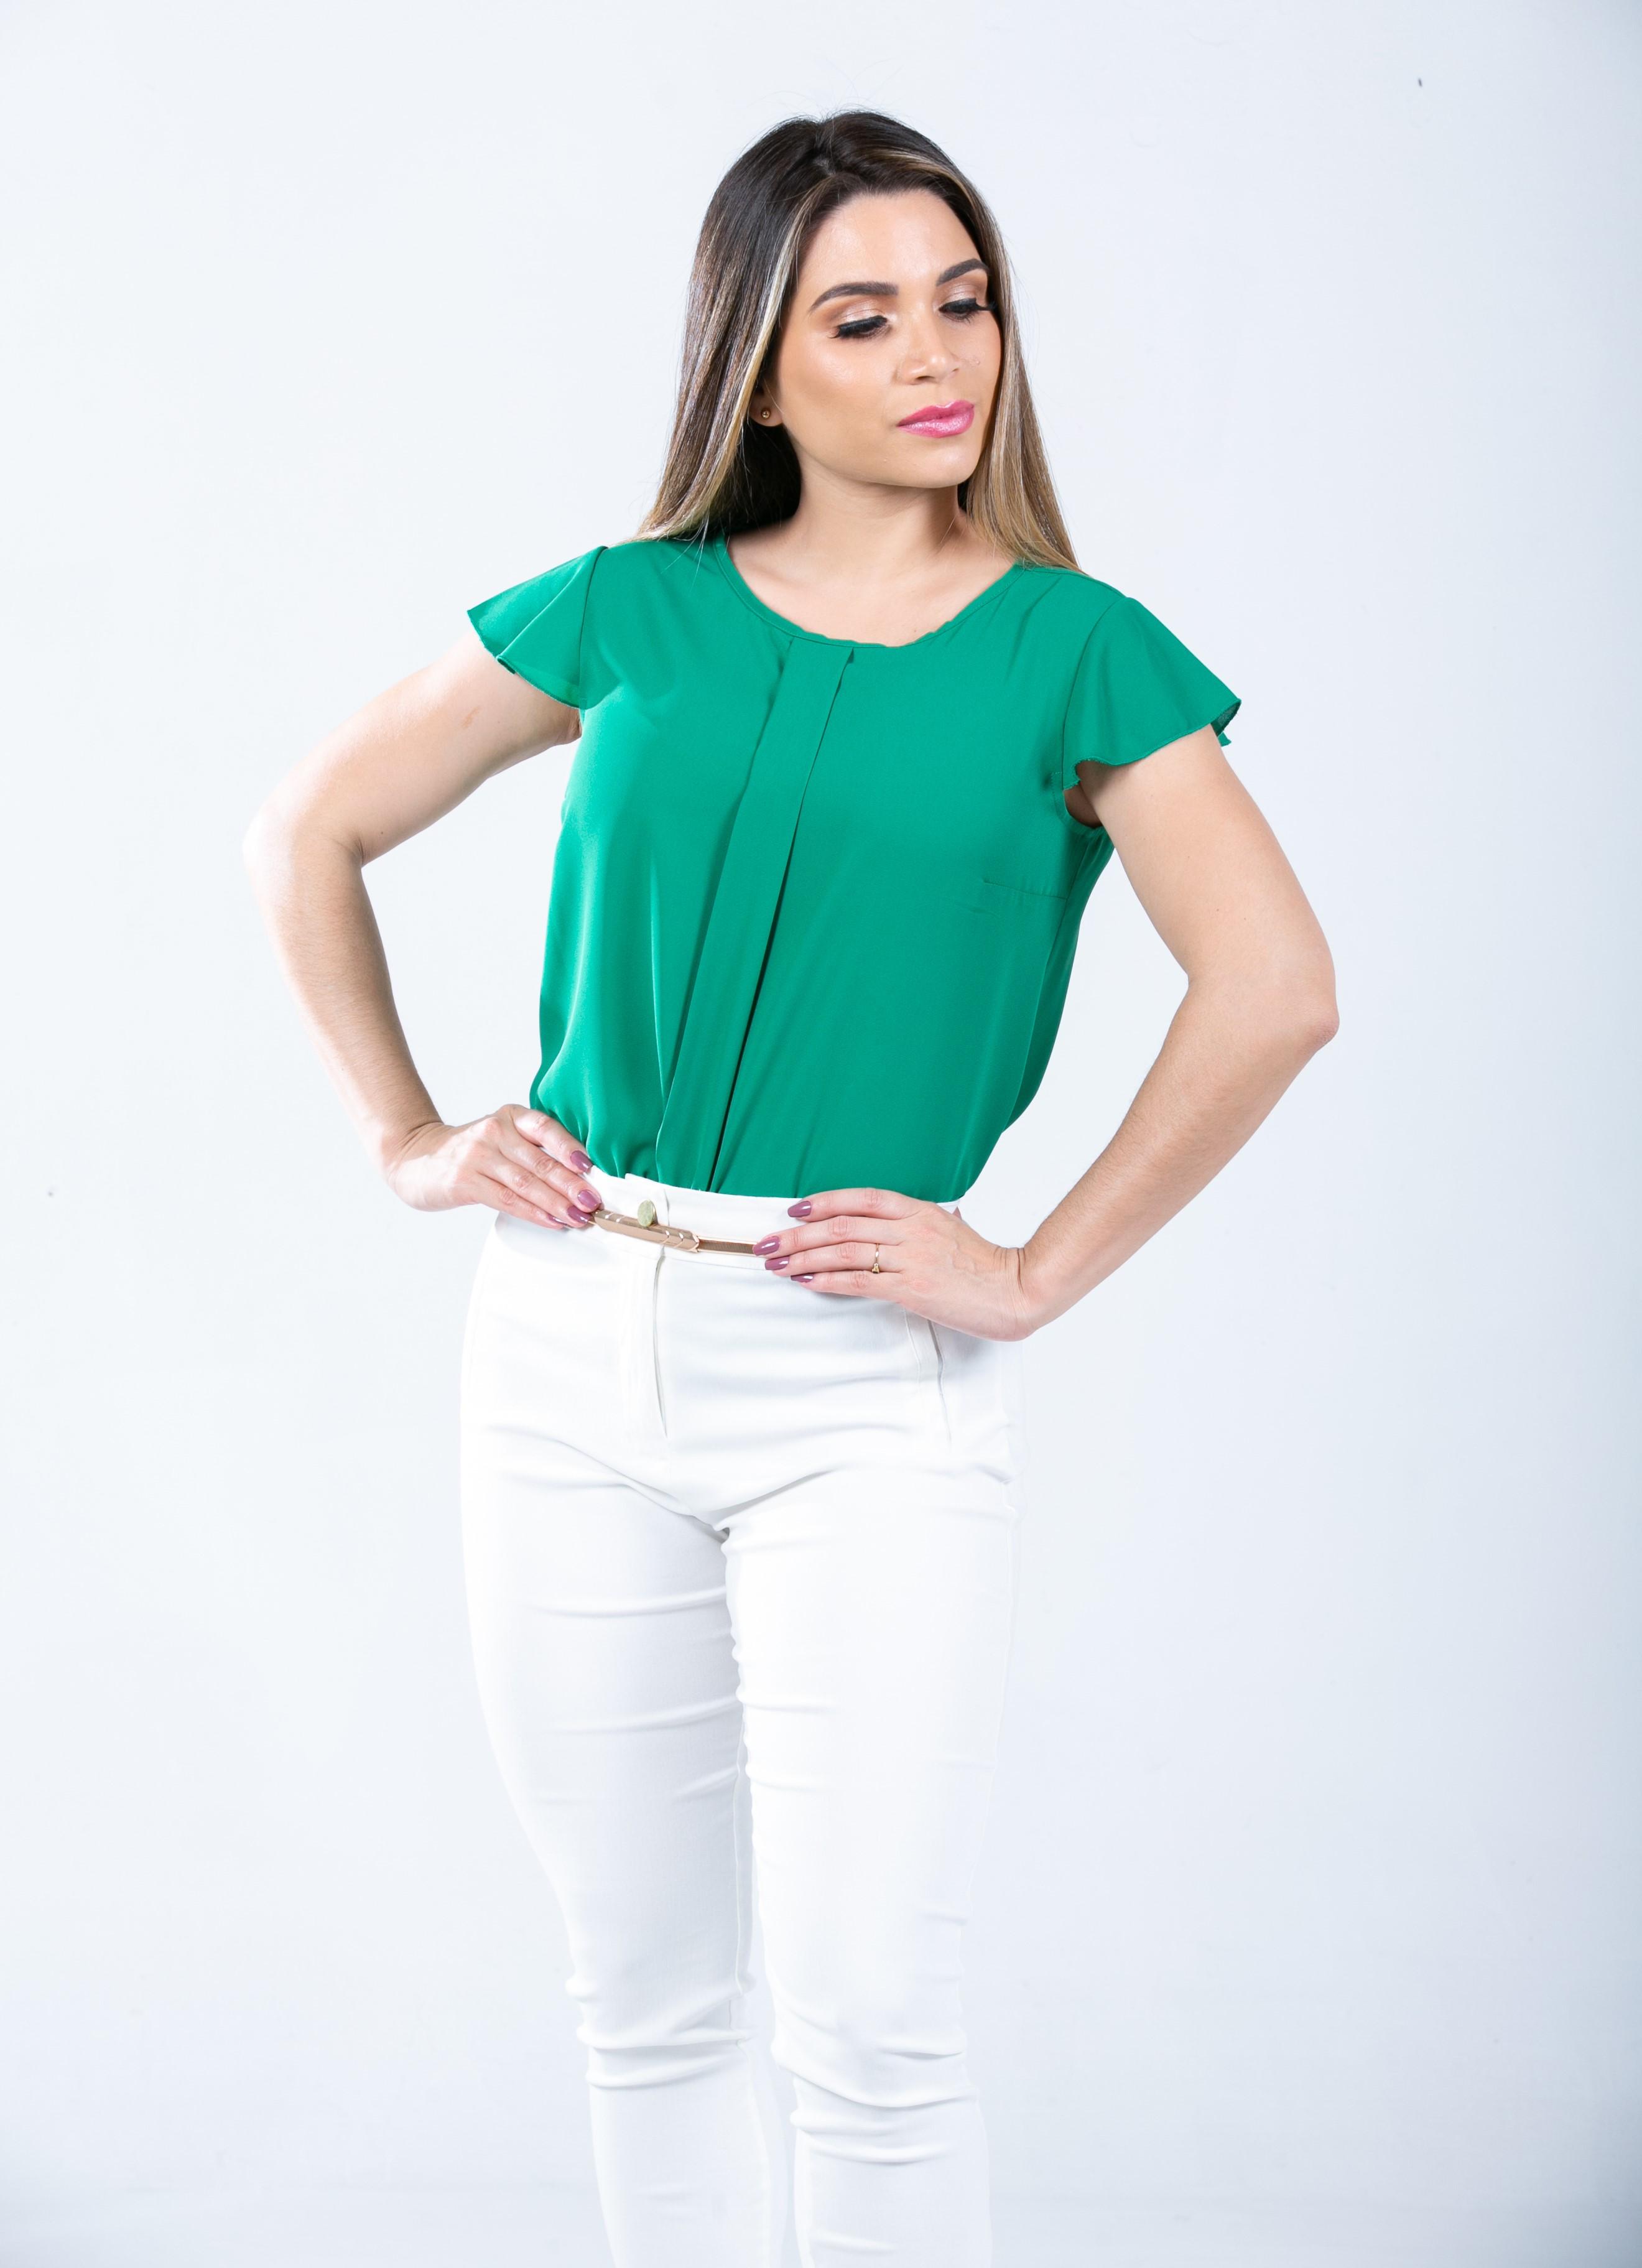 Disponible en talla S-M-L  Blusa cuello redondode gasa crepe,tiene buena caida .